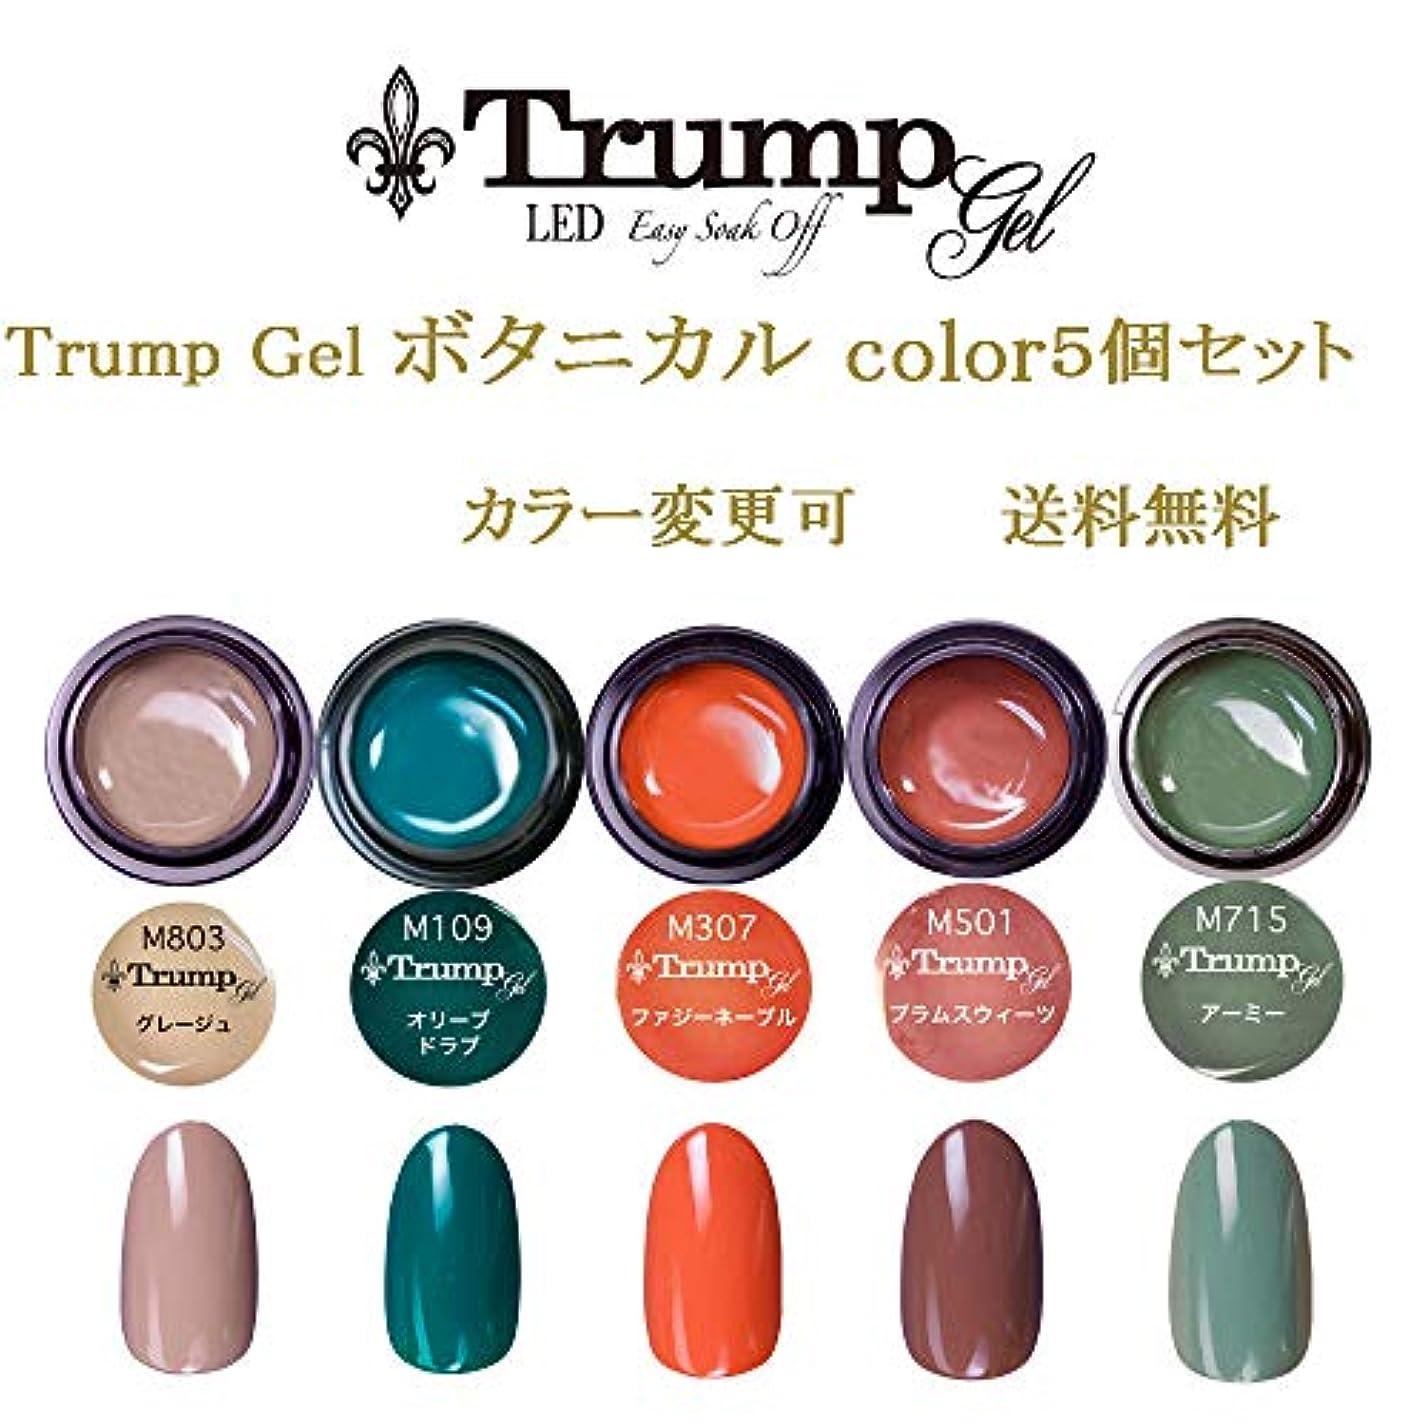 トロリーバス異常な兄弟愛日本製 Trump gel トランプジェル ボタニカルカラー 選べる カラージェル 5個セット カーキー ベージュ グリーン